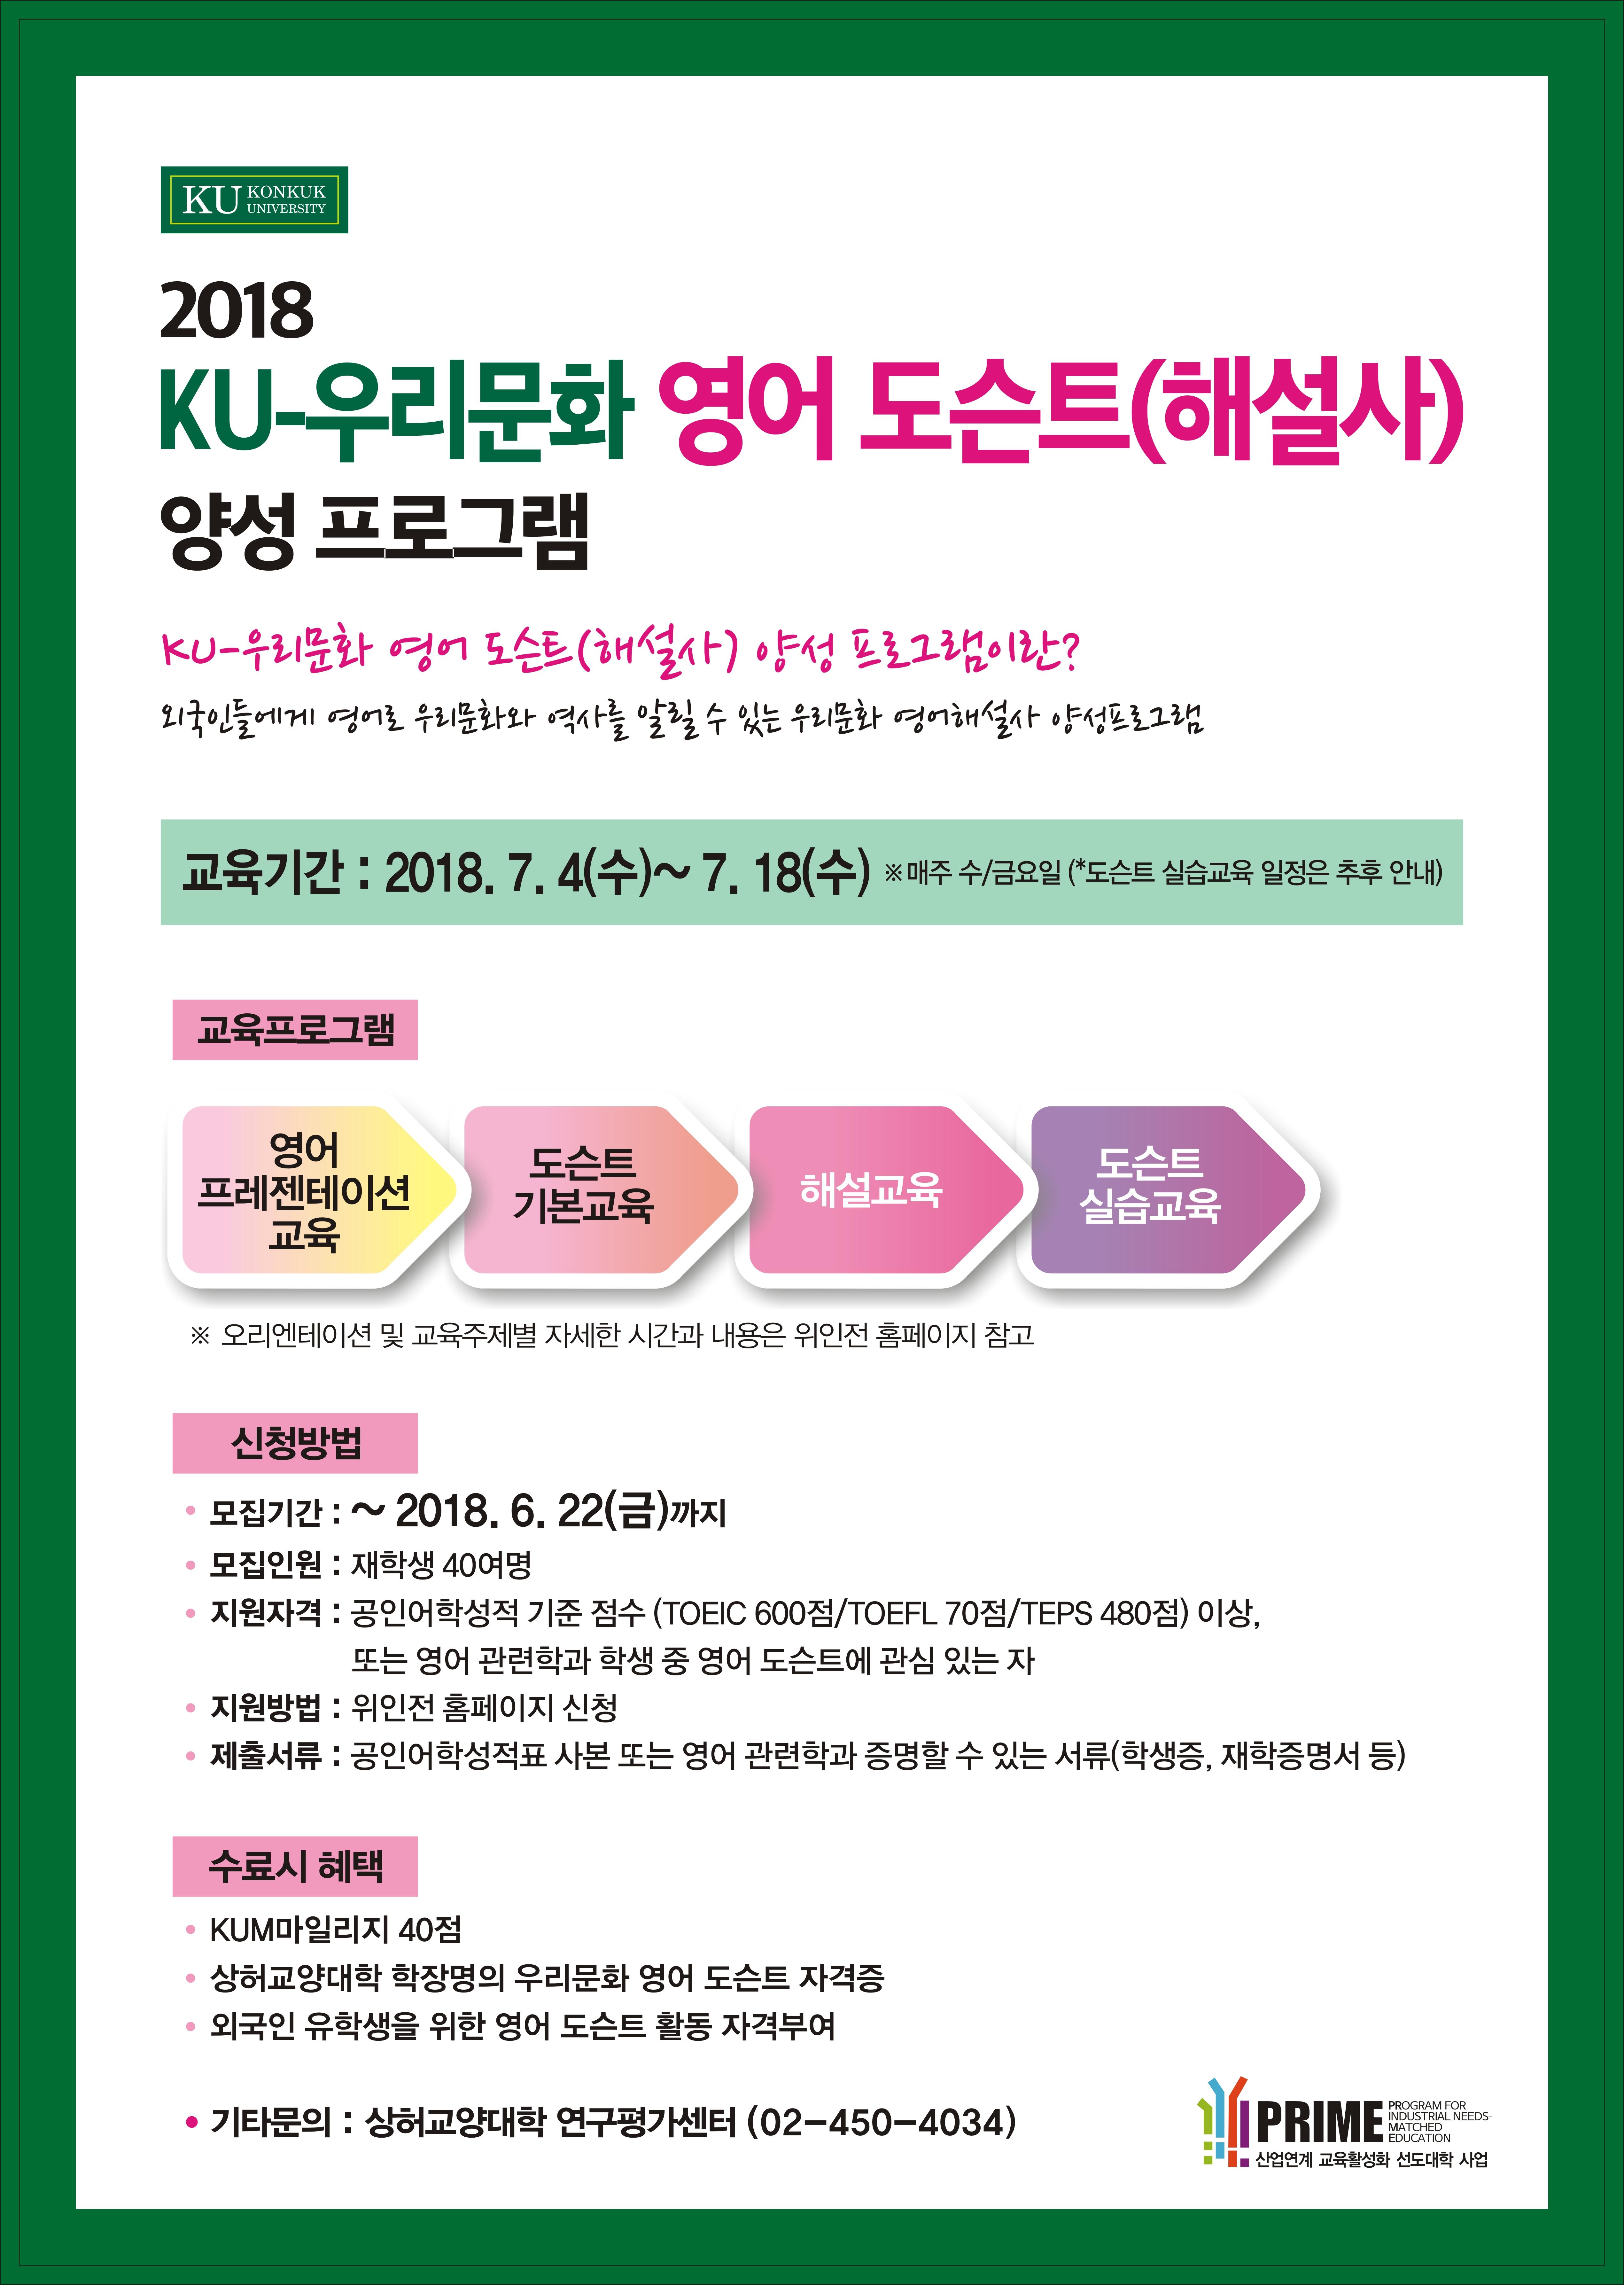 2018_KU우리문화영어도슨트_포스터.jpg